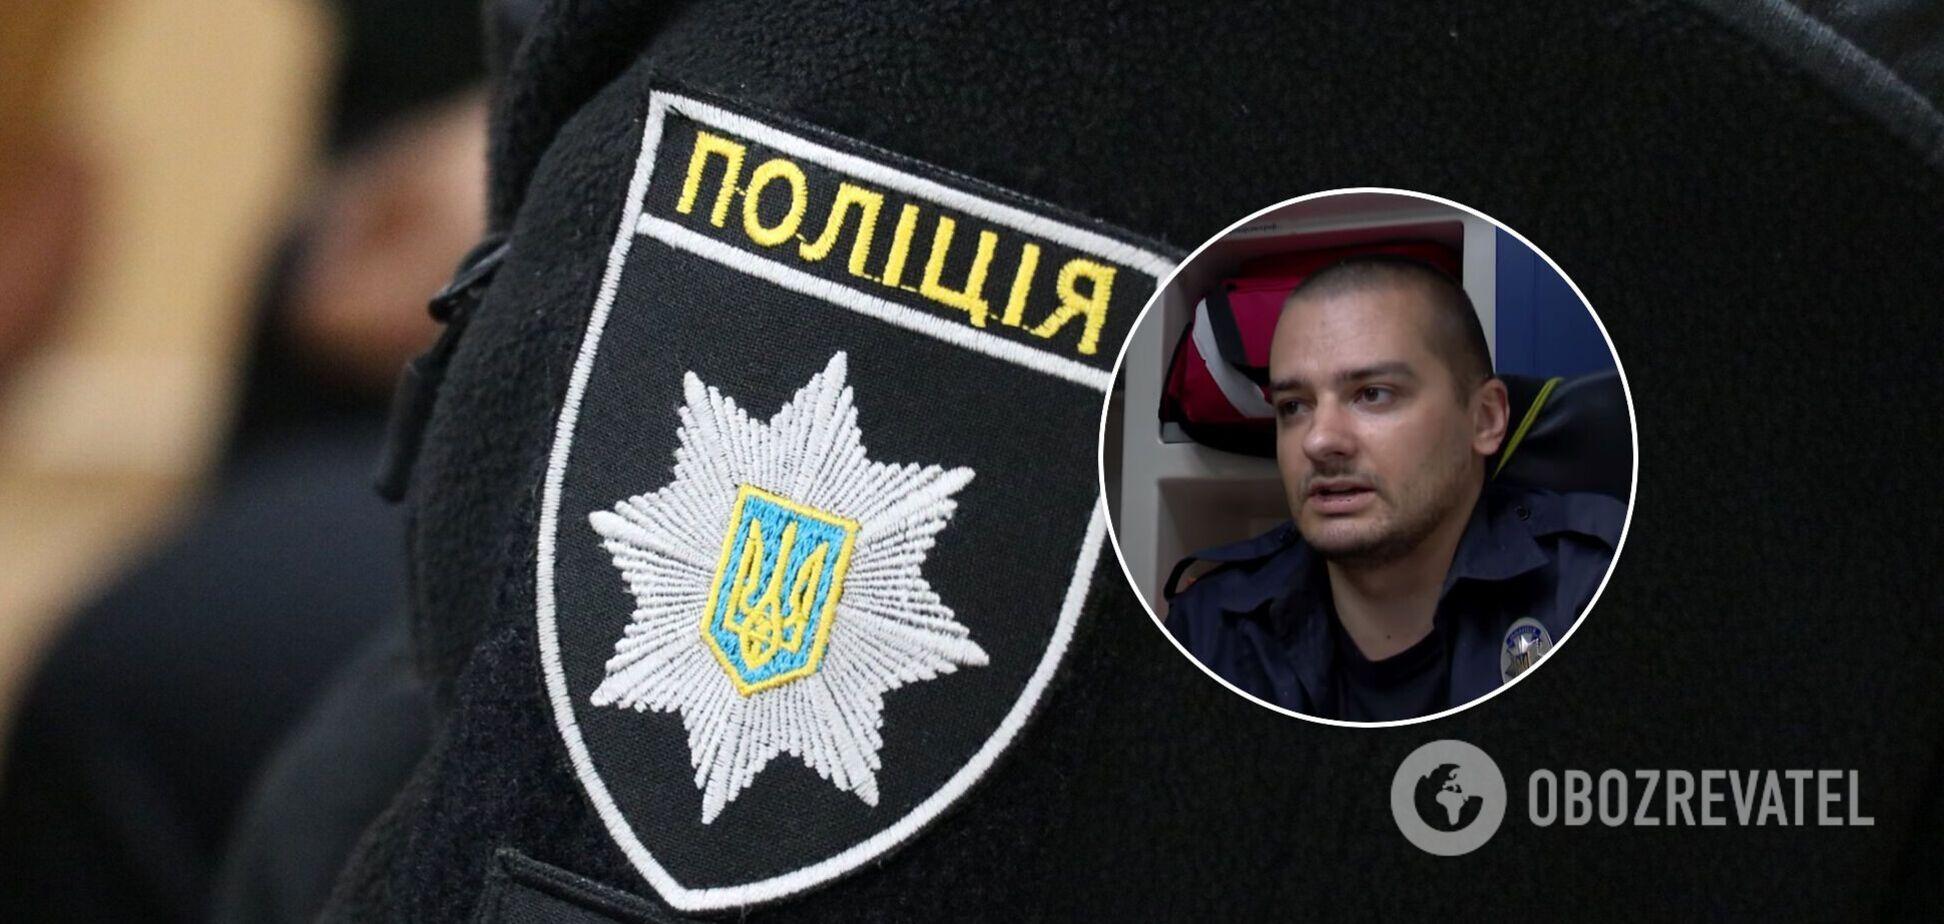 Троє співробітників поліції побили патрульного